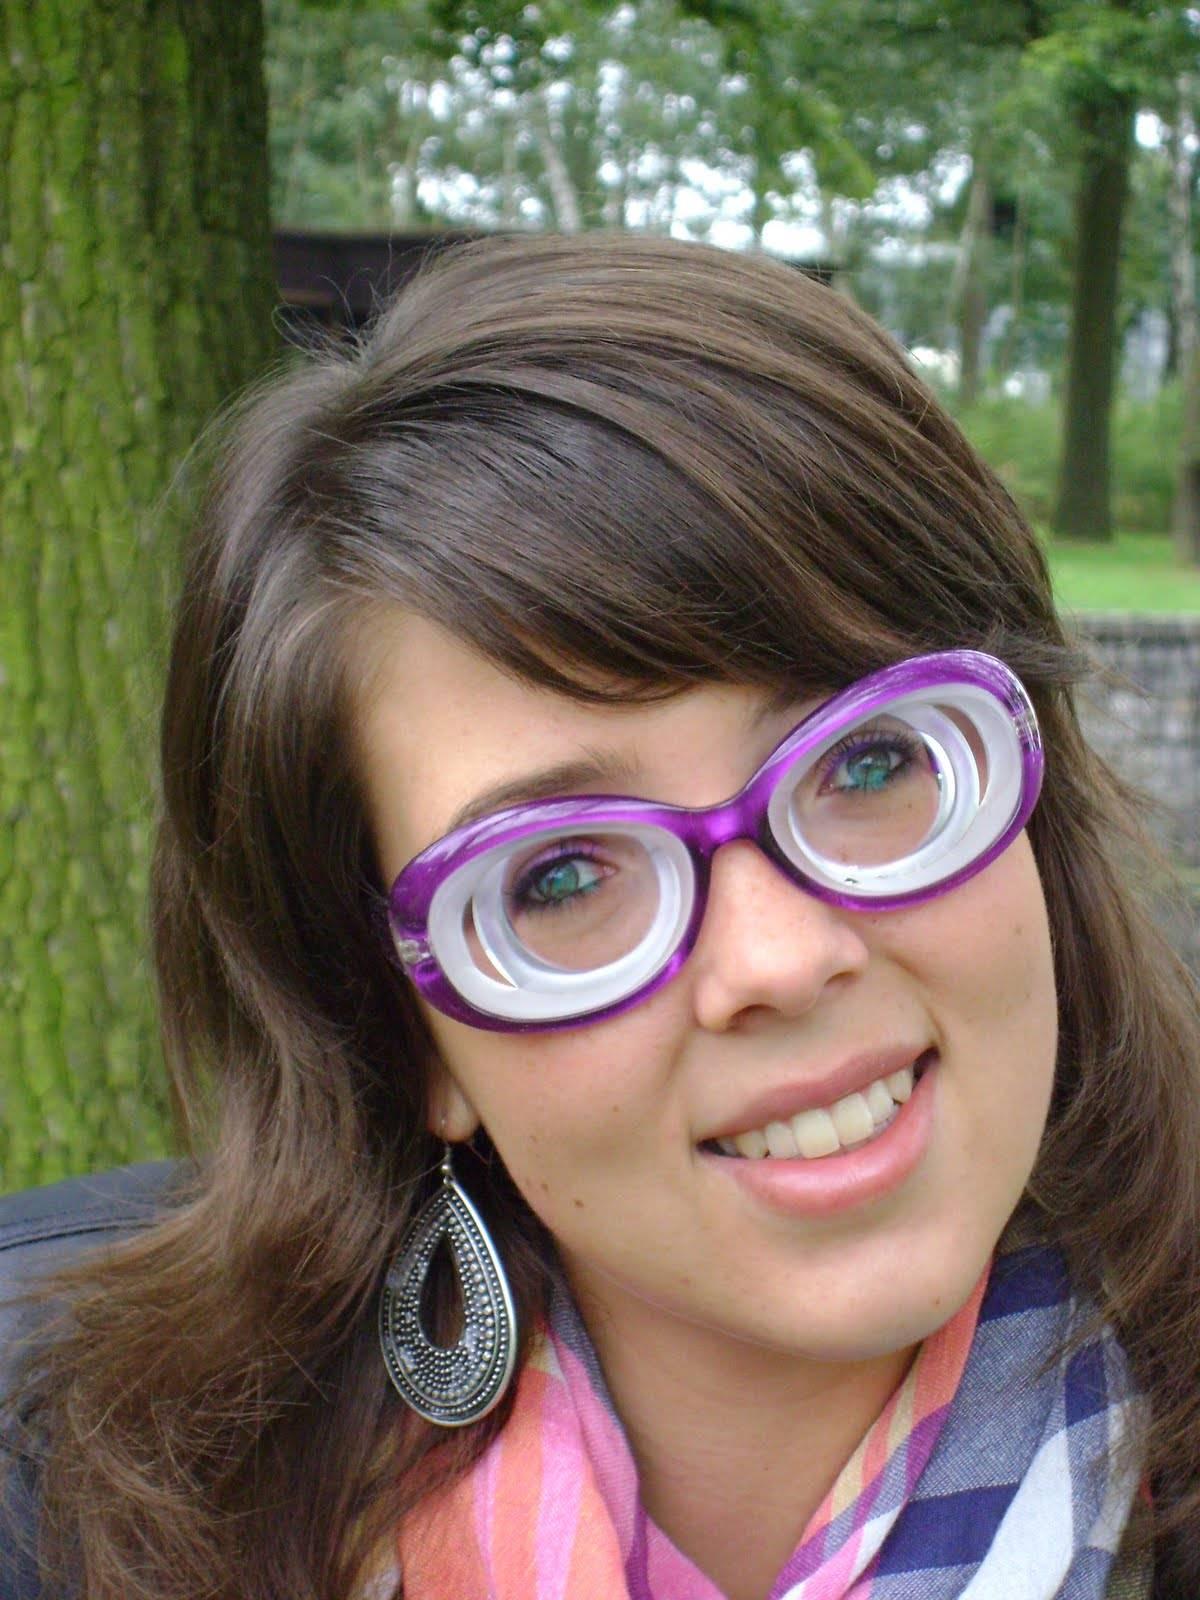 Очки при астигматизме: подбор окуляров, преимущества и недостатки коррекции